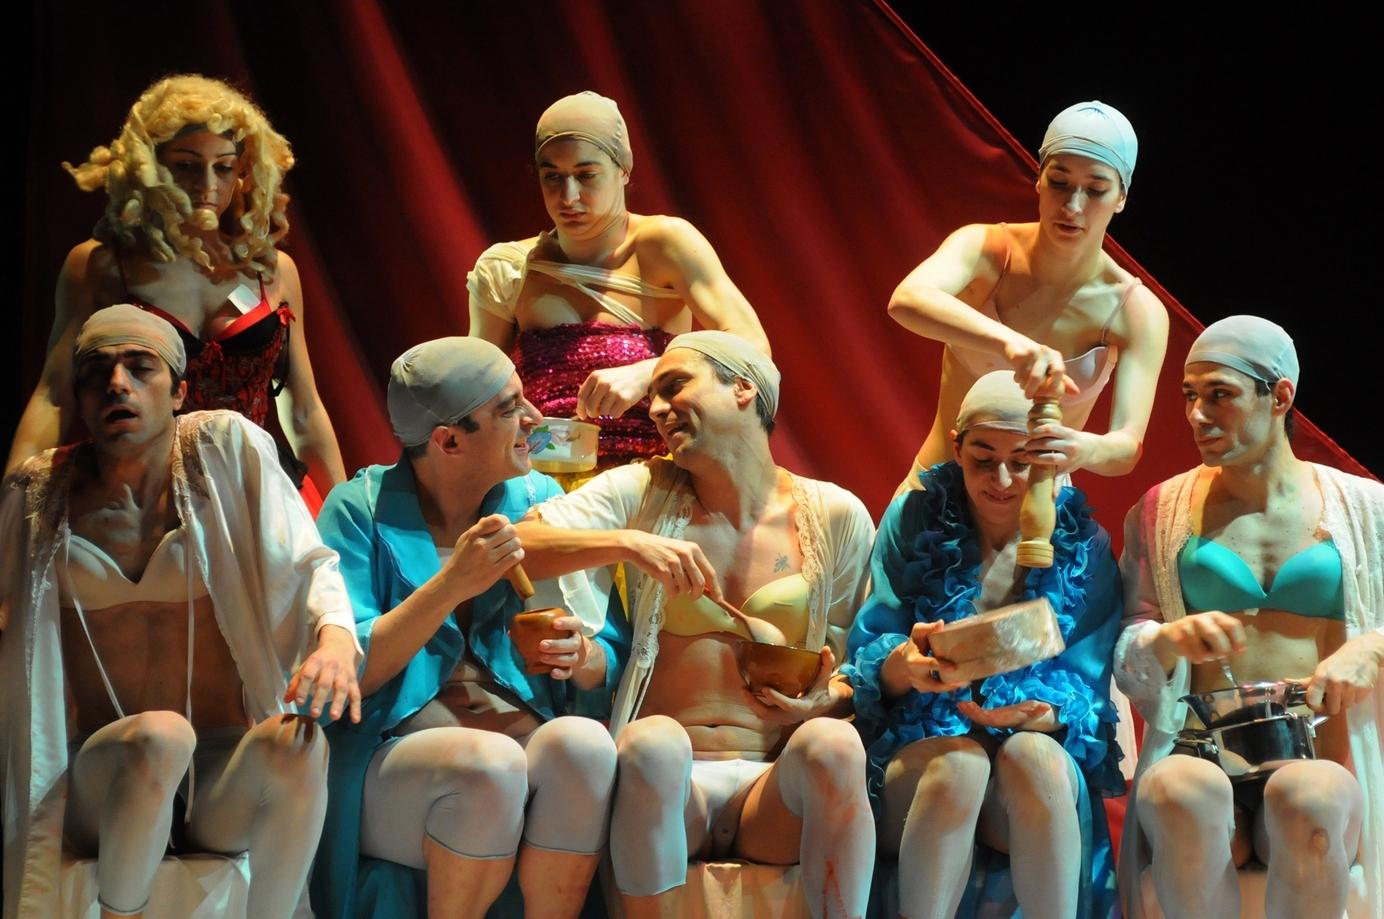 Se nel Sud il teatro contemporaneo ignora storie e competenze